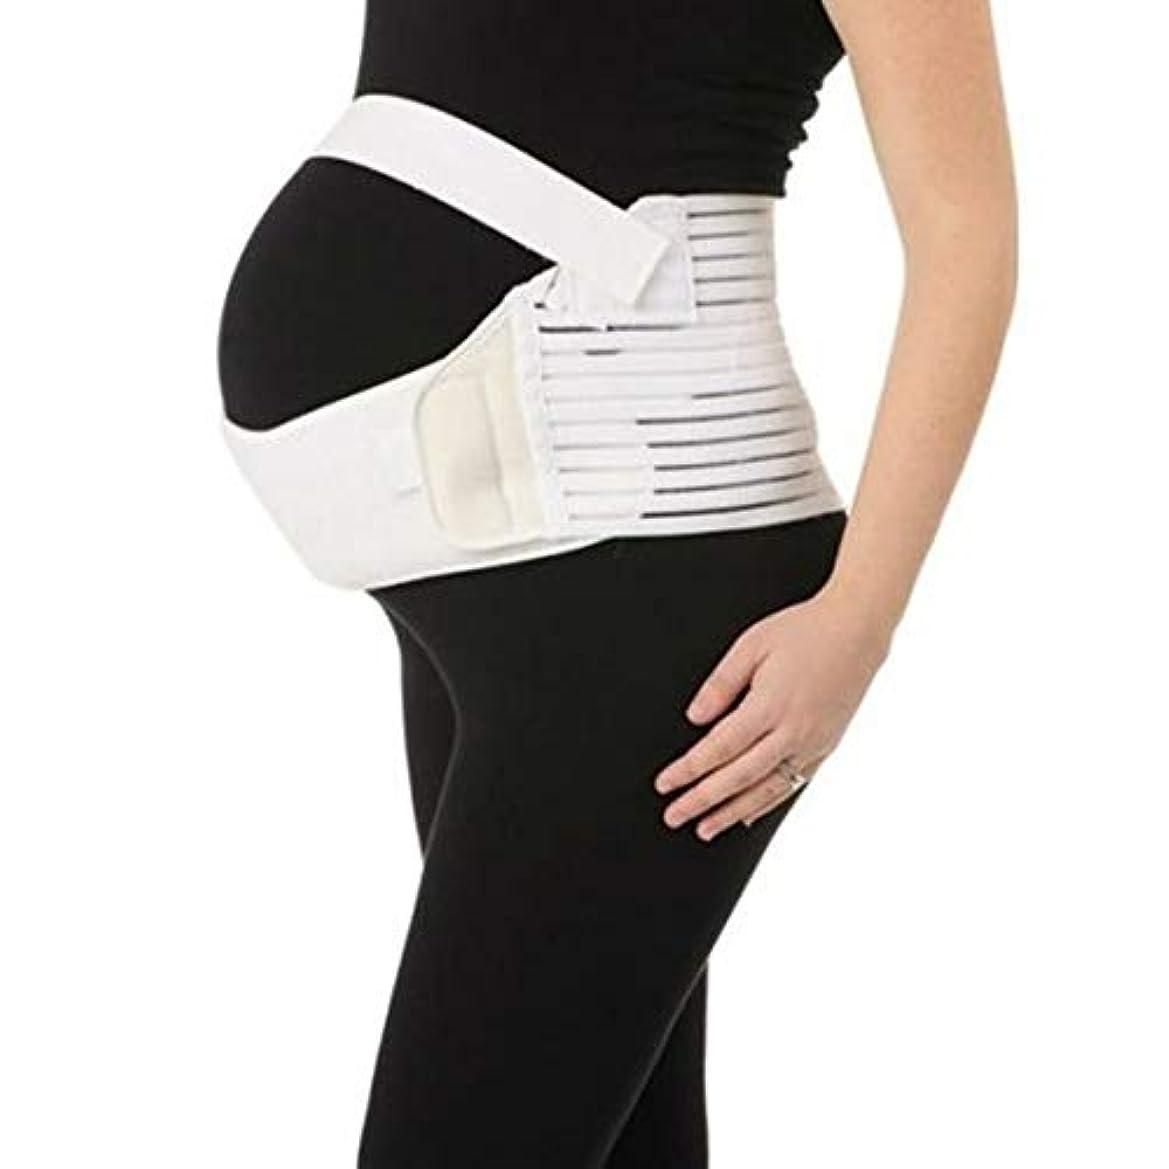 突破口してはいけません弾力性のある通気性産科ベルト妊娠腹部サポート腹部バインダーガードル運動包帯産後の回復形状ウェア - ホワイトM